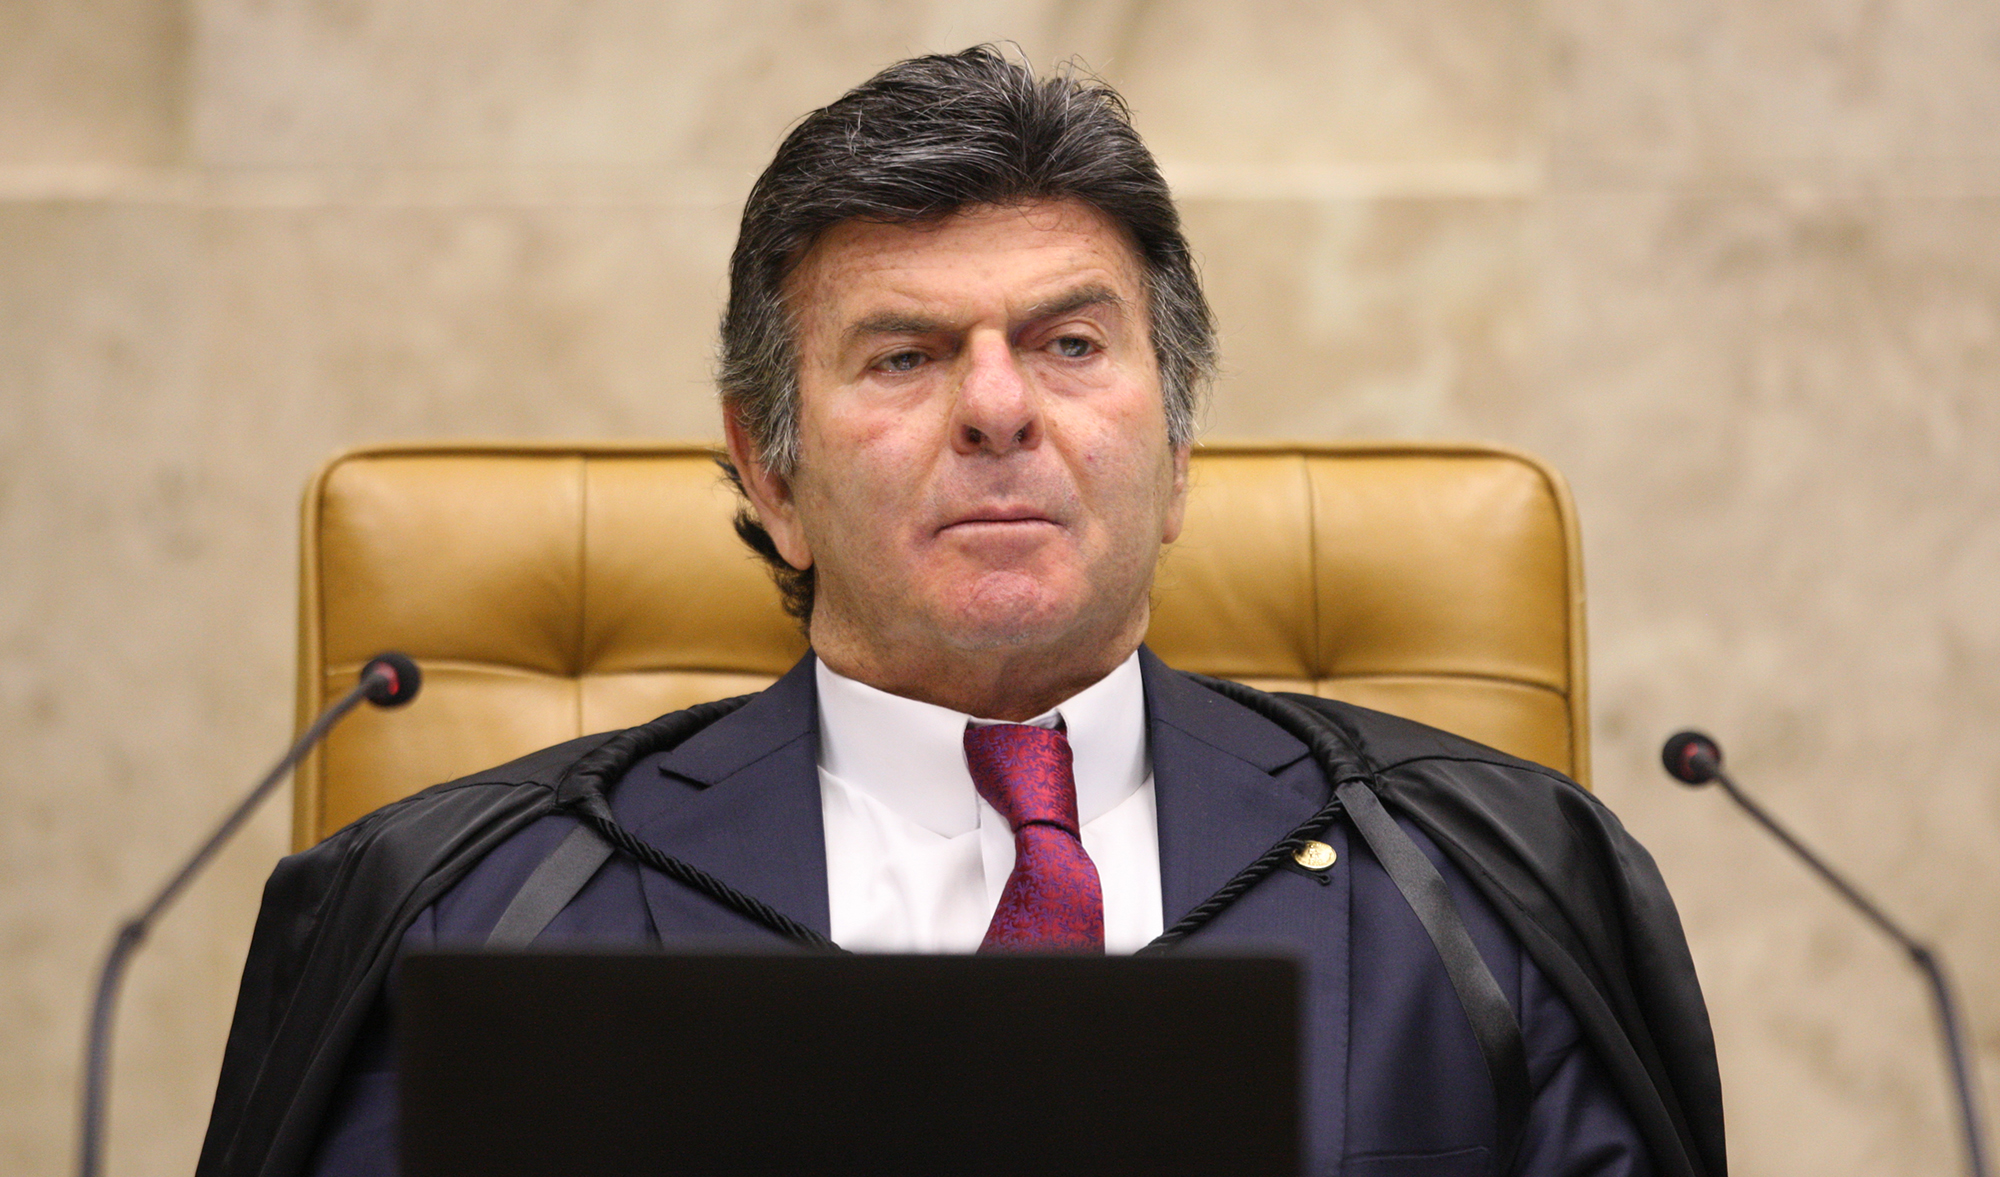 Novo presidente do STF, Luiz Fux é diagnosticado com Covid-19